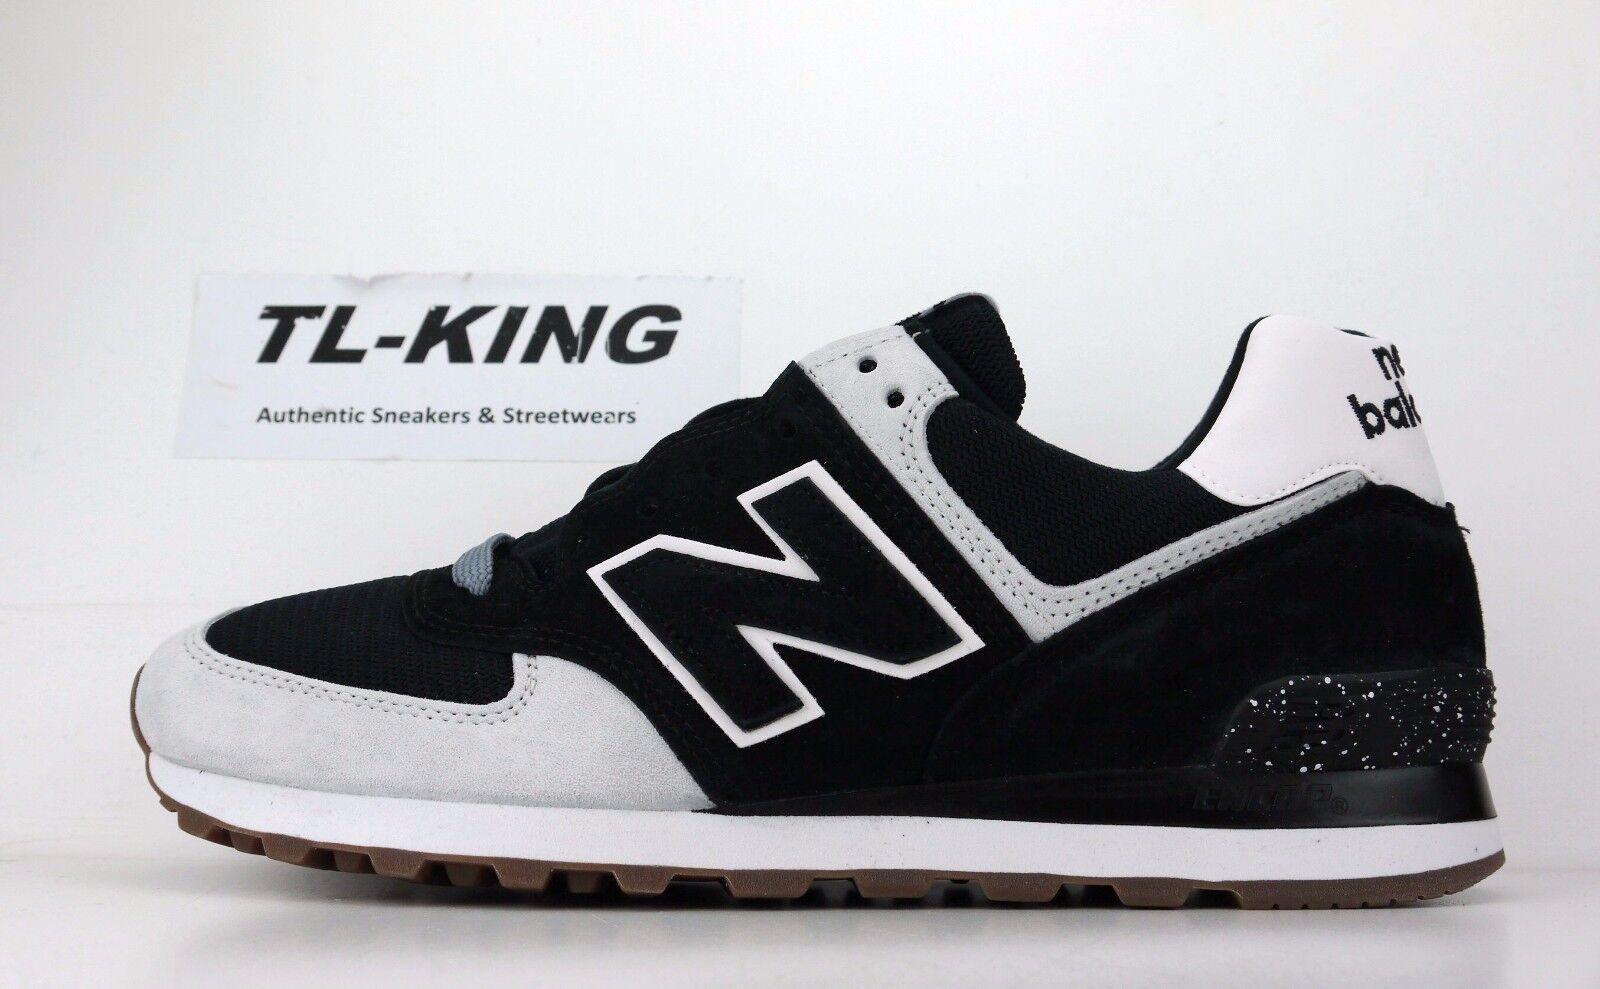 100% authentic e6c3f 1ab7c ... 332550 312 baratos zapatos de mujer zapatos de mujer 0c26d6 6ed34  2a22a  norway new balance us574cm2 hecho en ee. uu. clásico sugerido  sneaker precio de ...